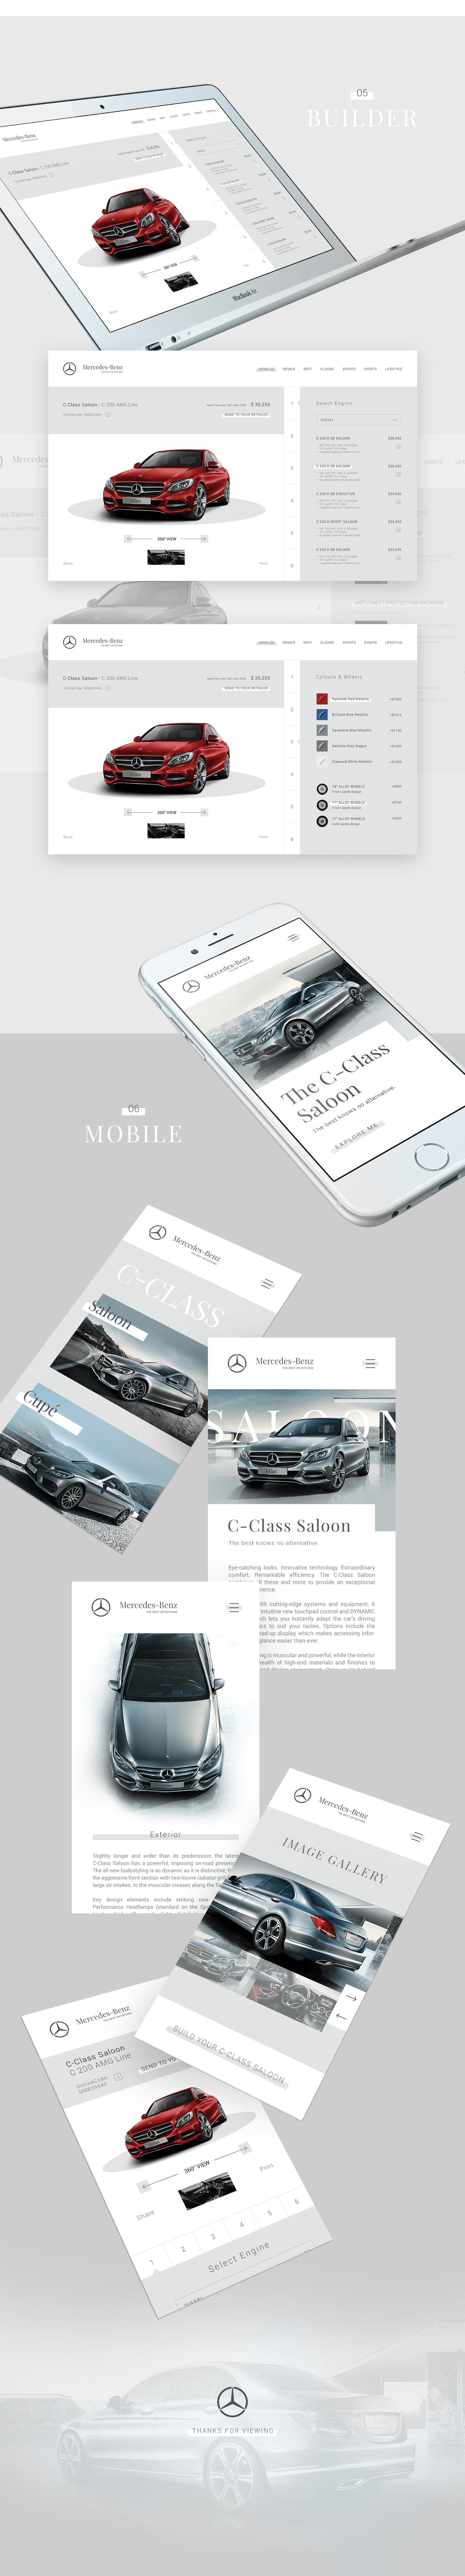 Mercedez Benz concept car website design and branding by Finsweet